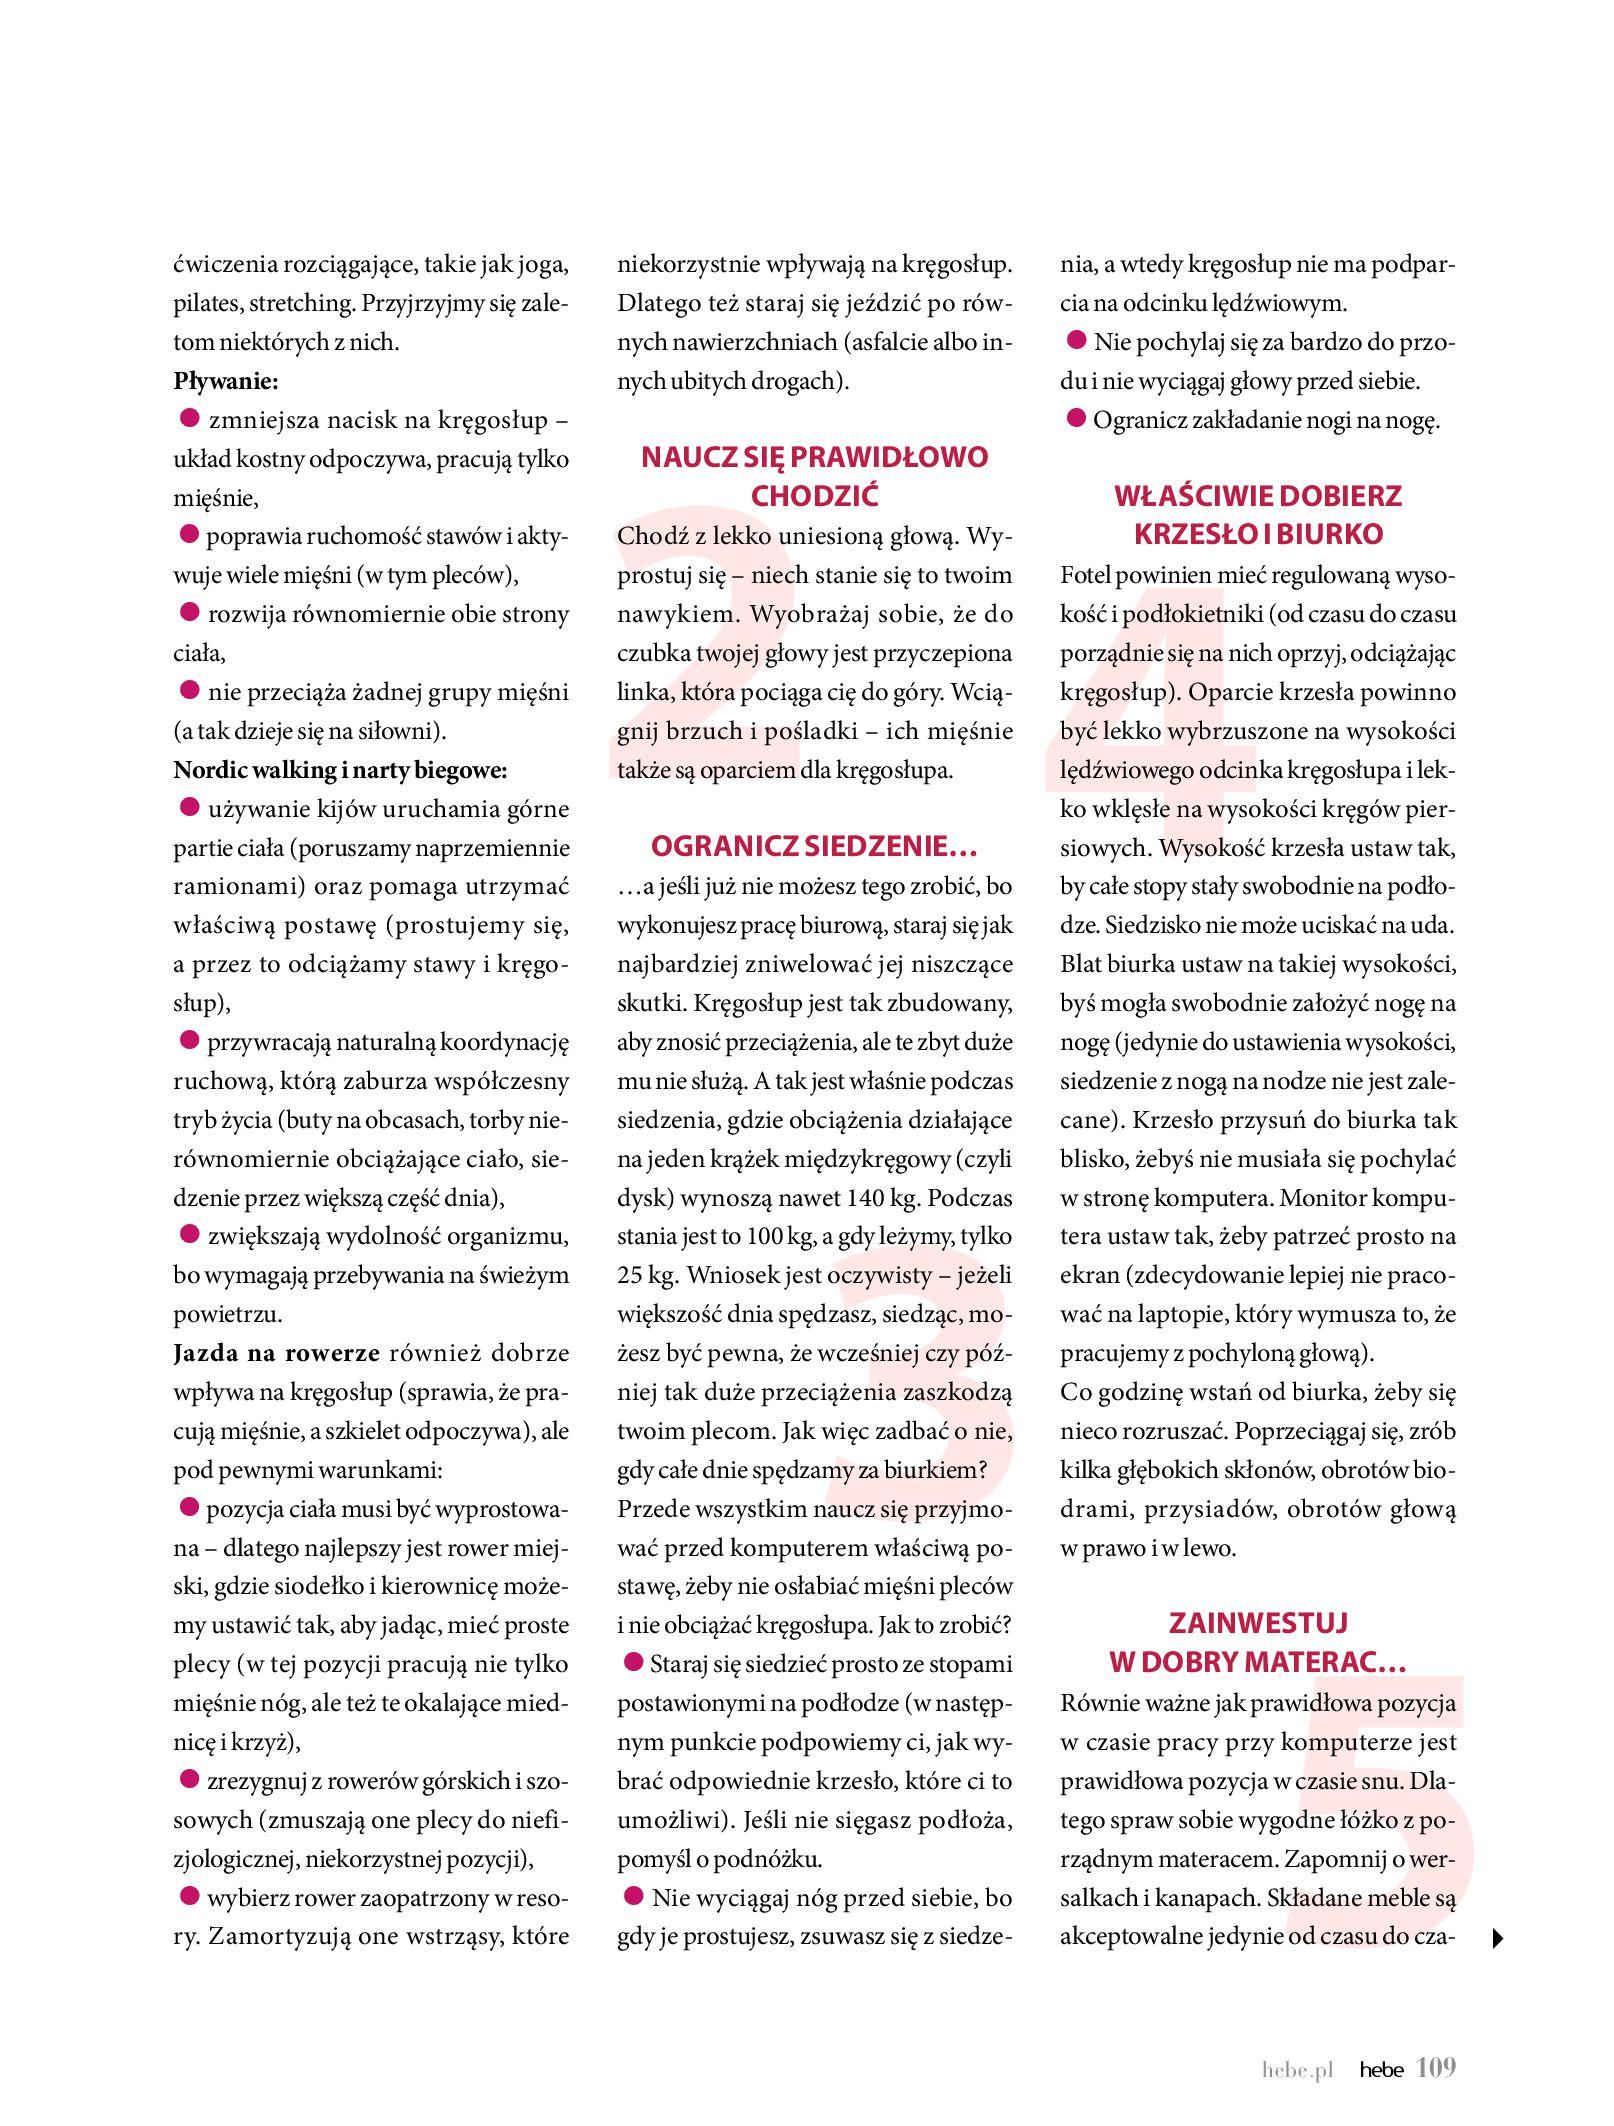 Gazetka hebe: Magazyn hebe 2021-03-11 page-109